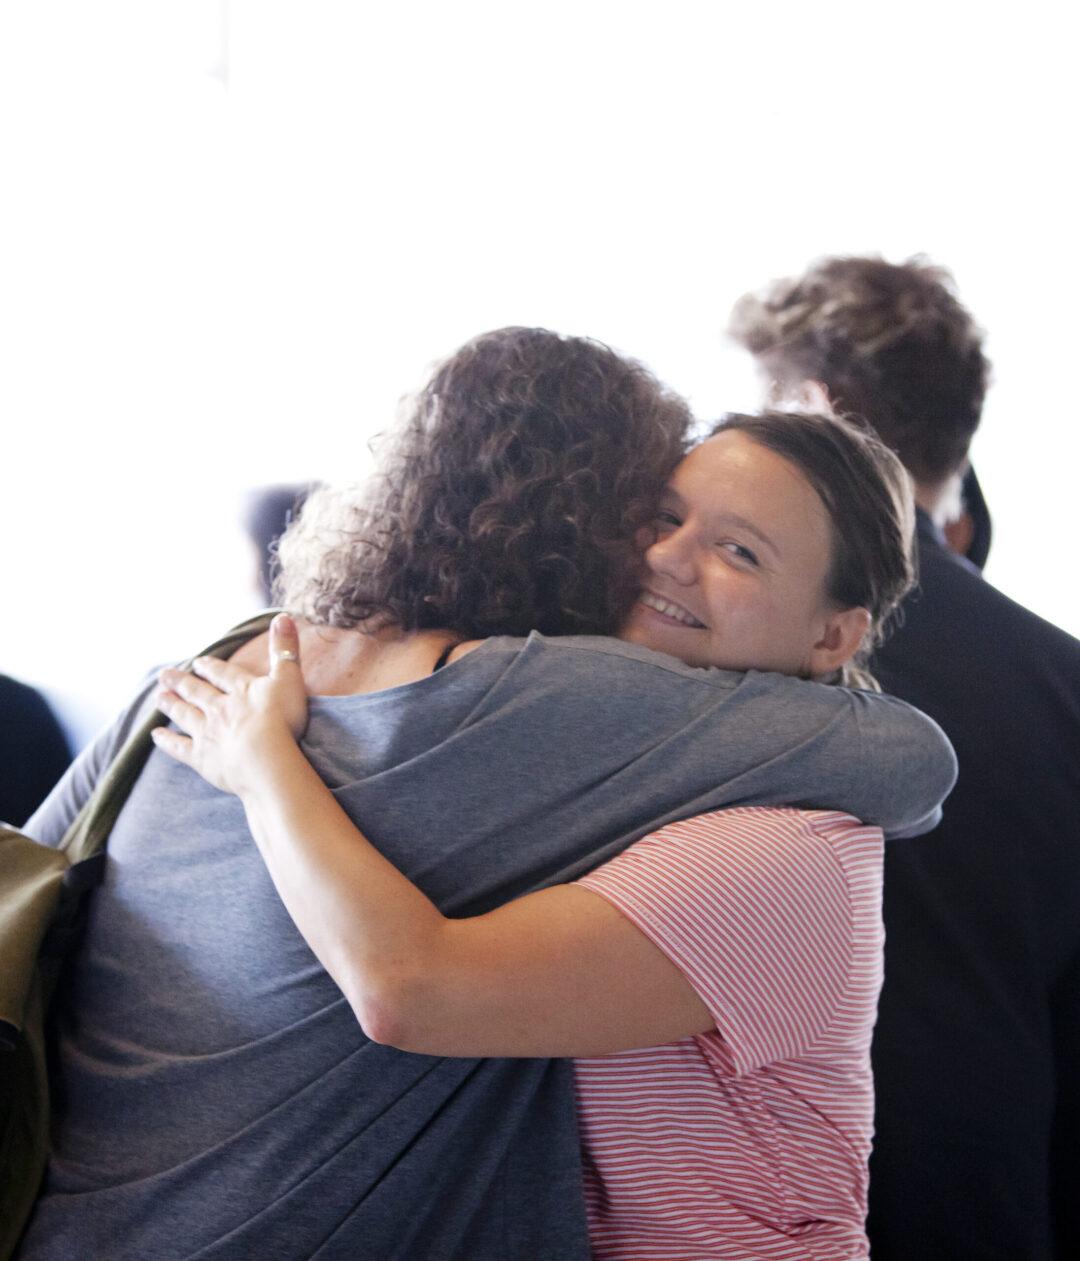 Clara hugging an artist